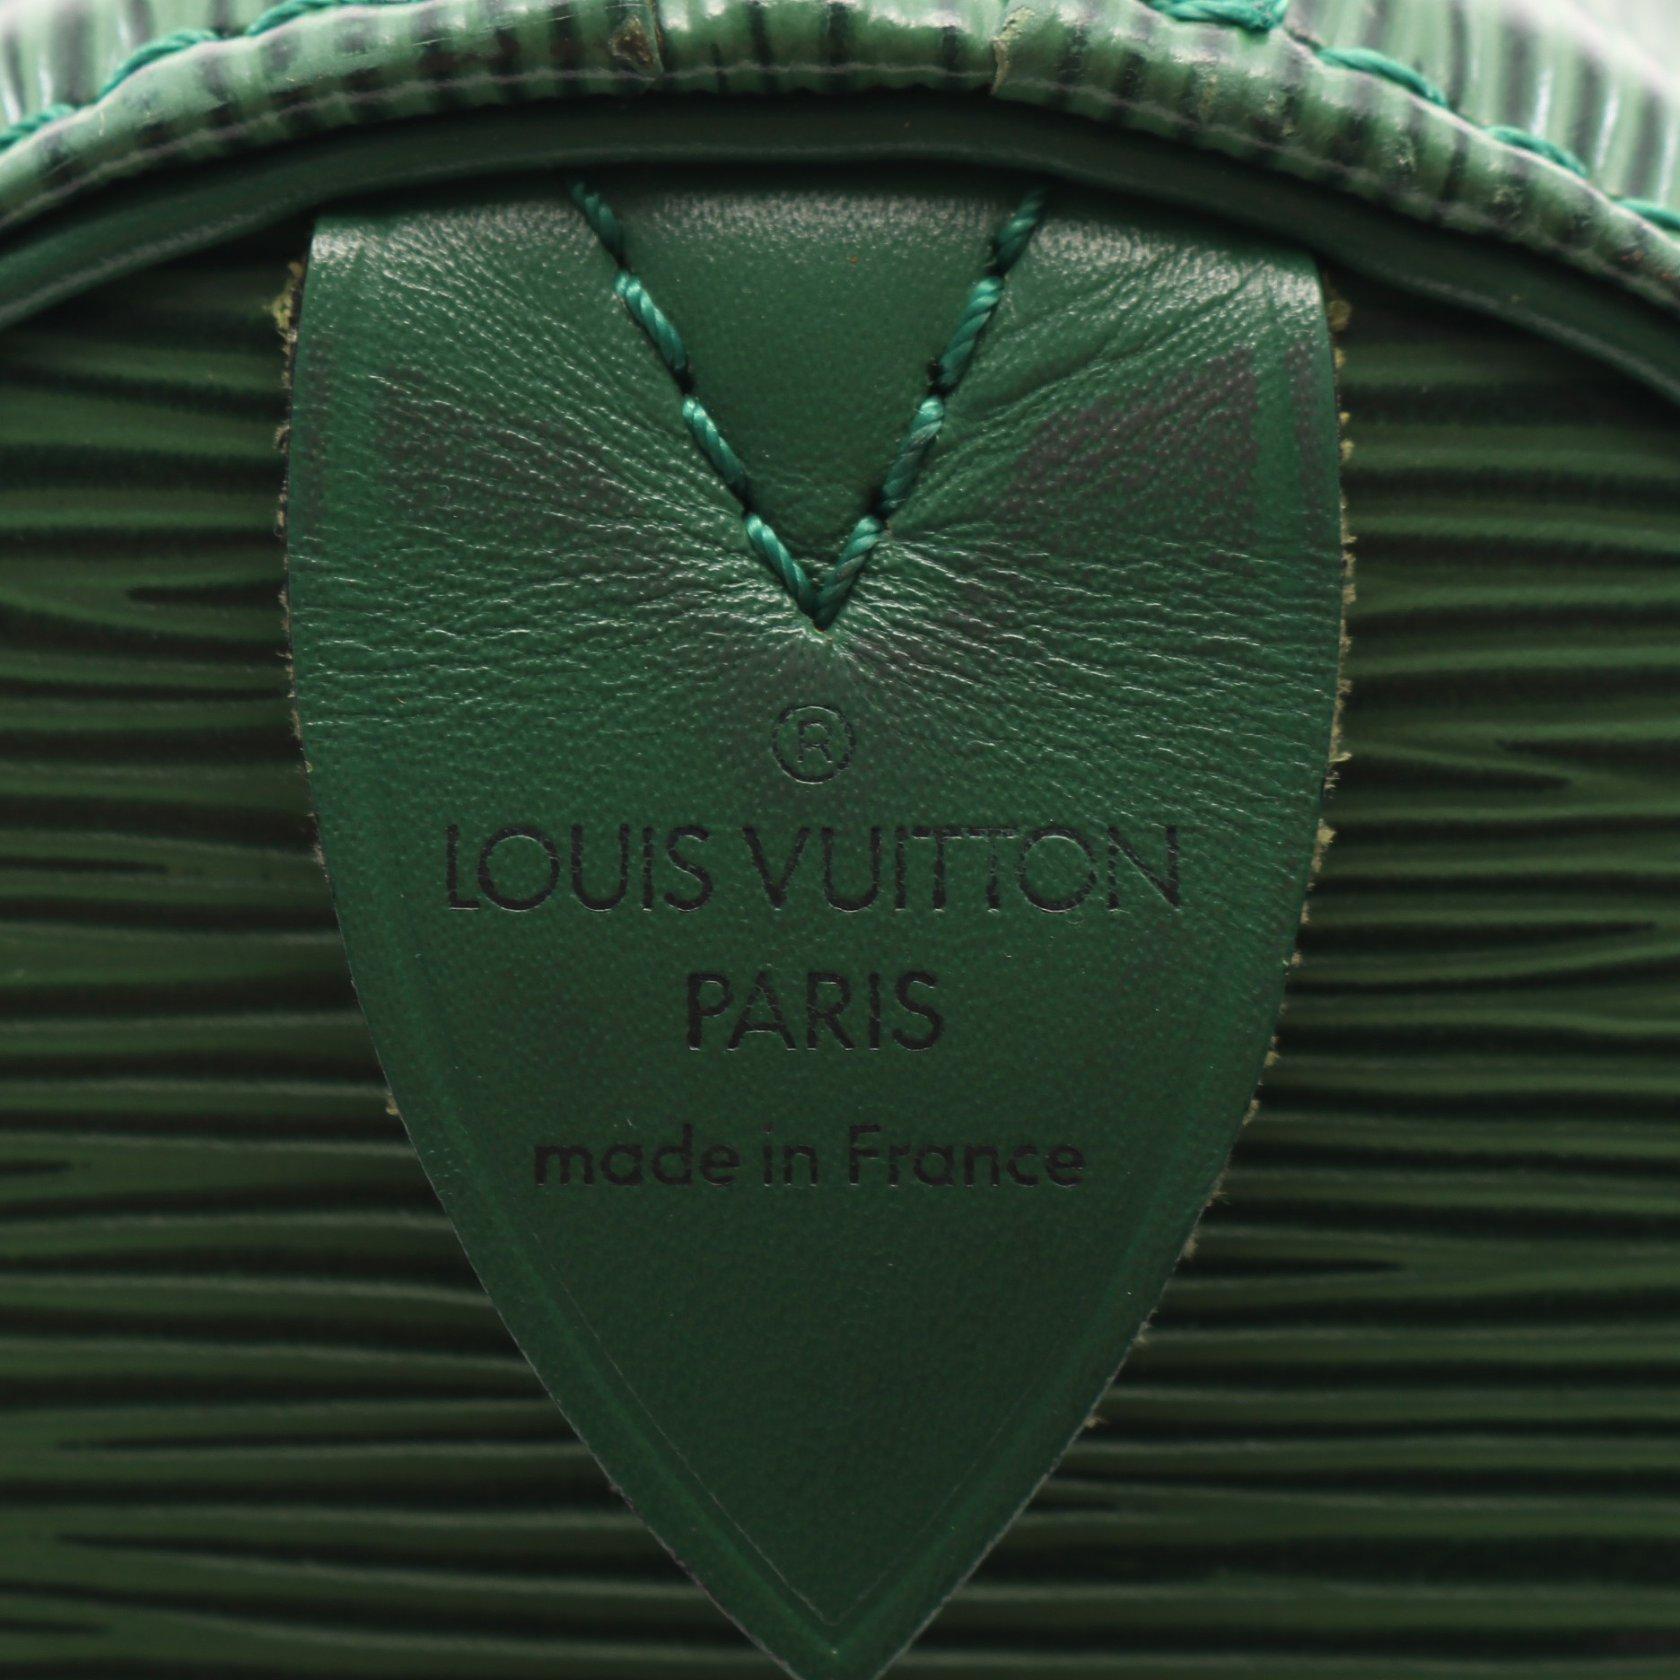 LOUIS VUITTON・バッグ・キーポル45 エピ ボルネオグリーン ボストンバッグ レザー グリーン